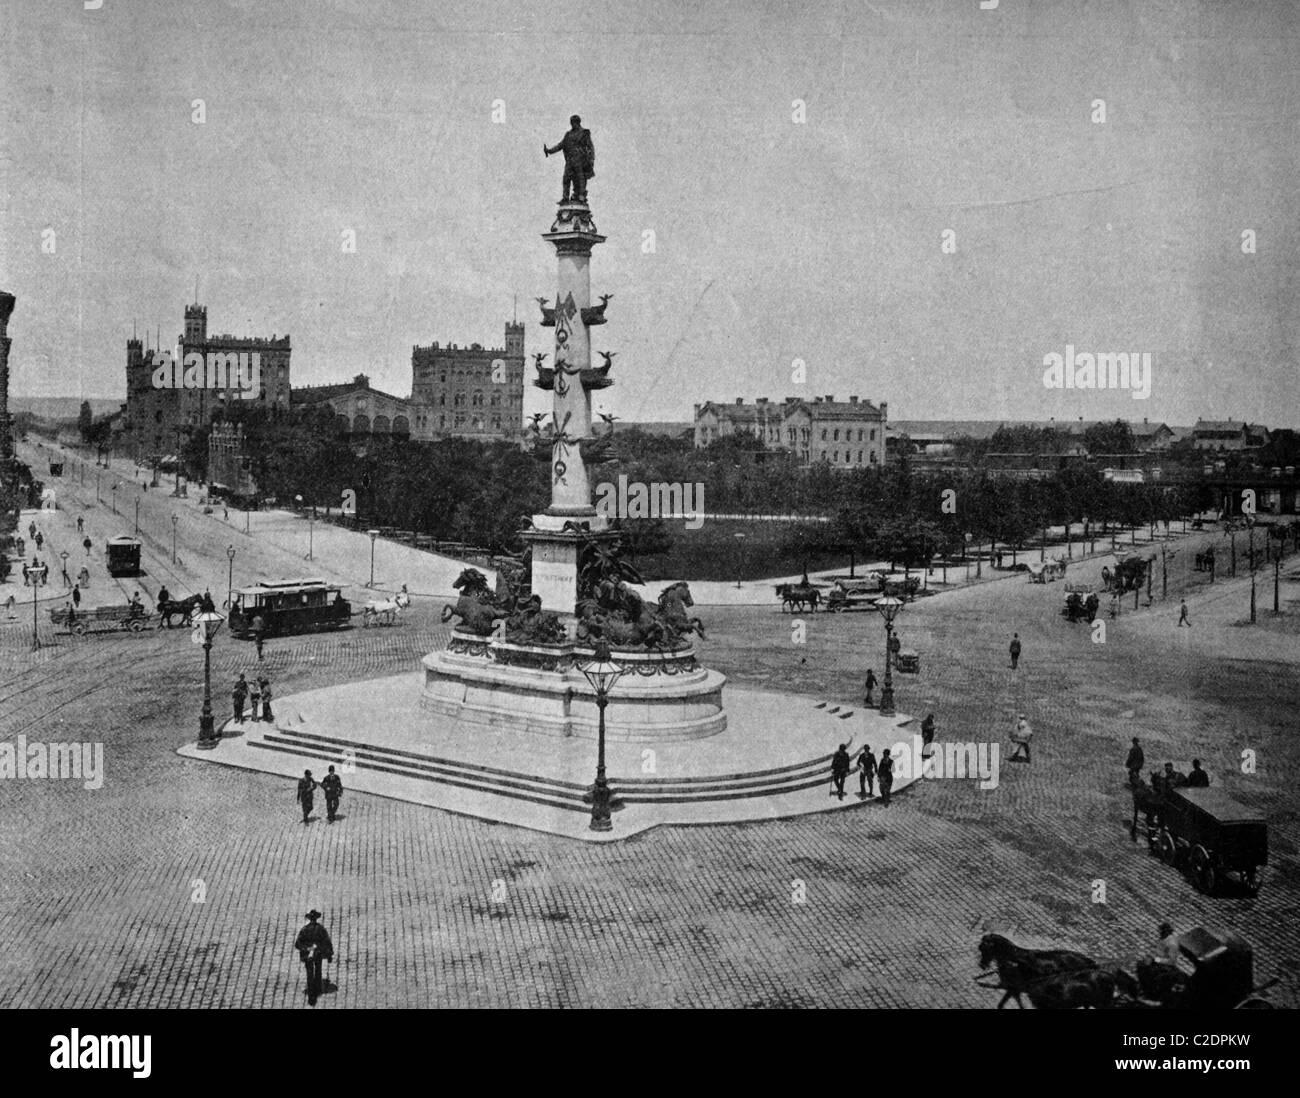 L'un des premiers tirages d'Autotype, rond-point de Praterstern, photographie historique, 1884, Vienne, Photo Stock